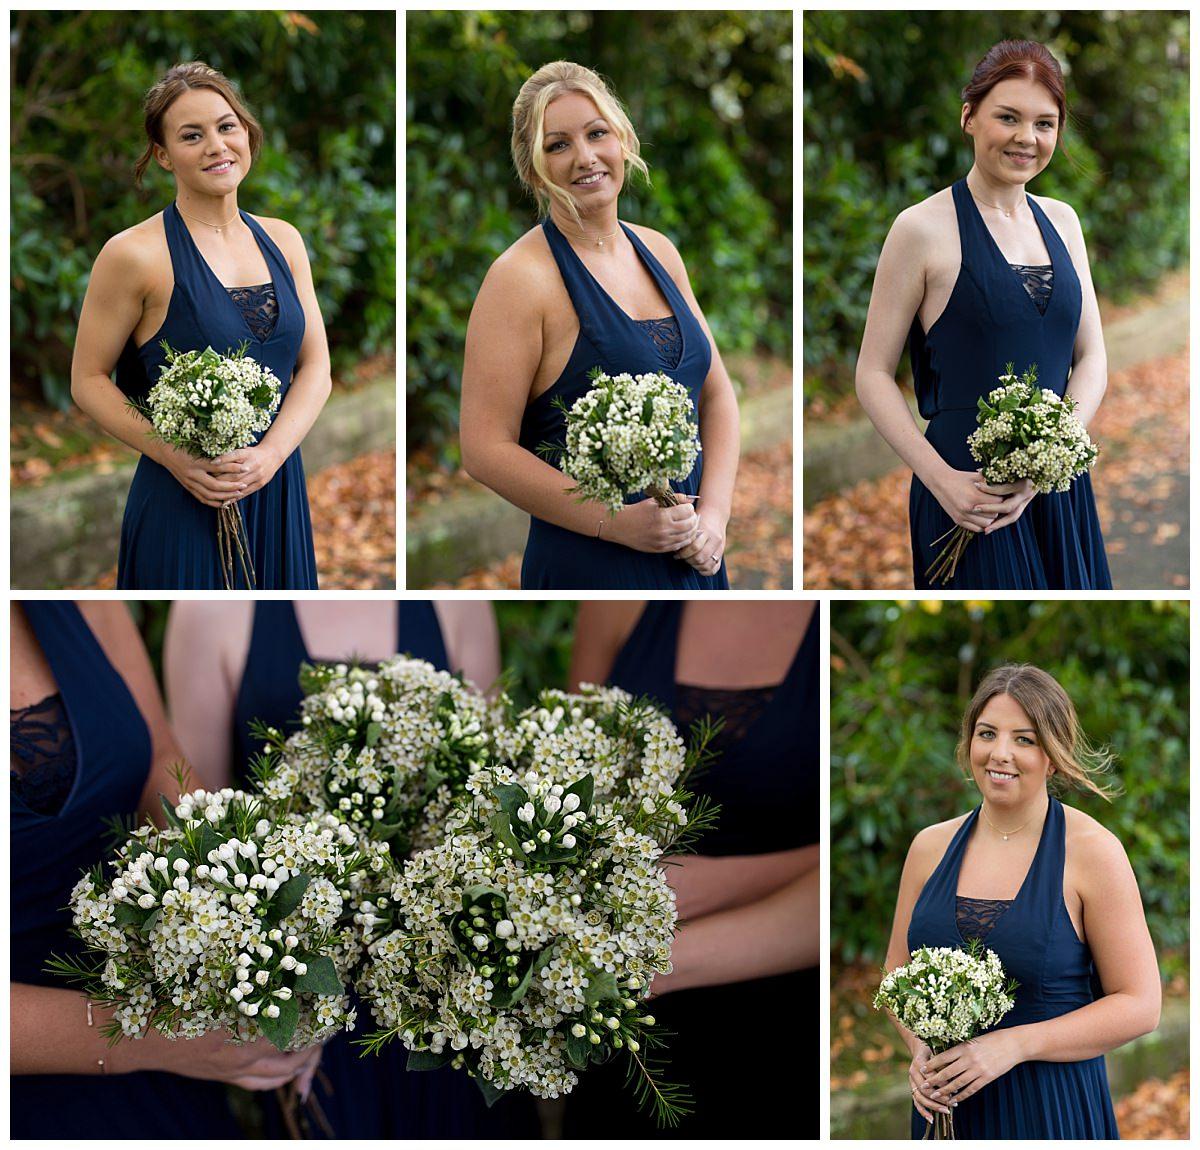 Bridesmaids at The Raithwaite Estate Whitby